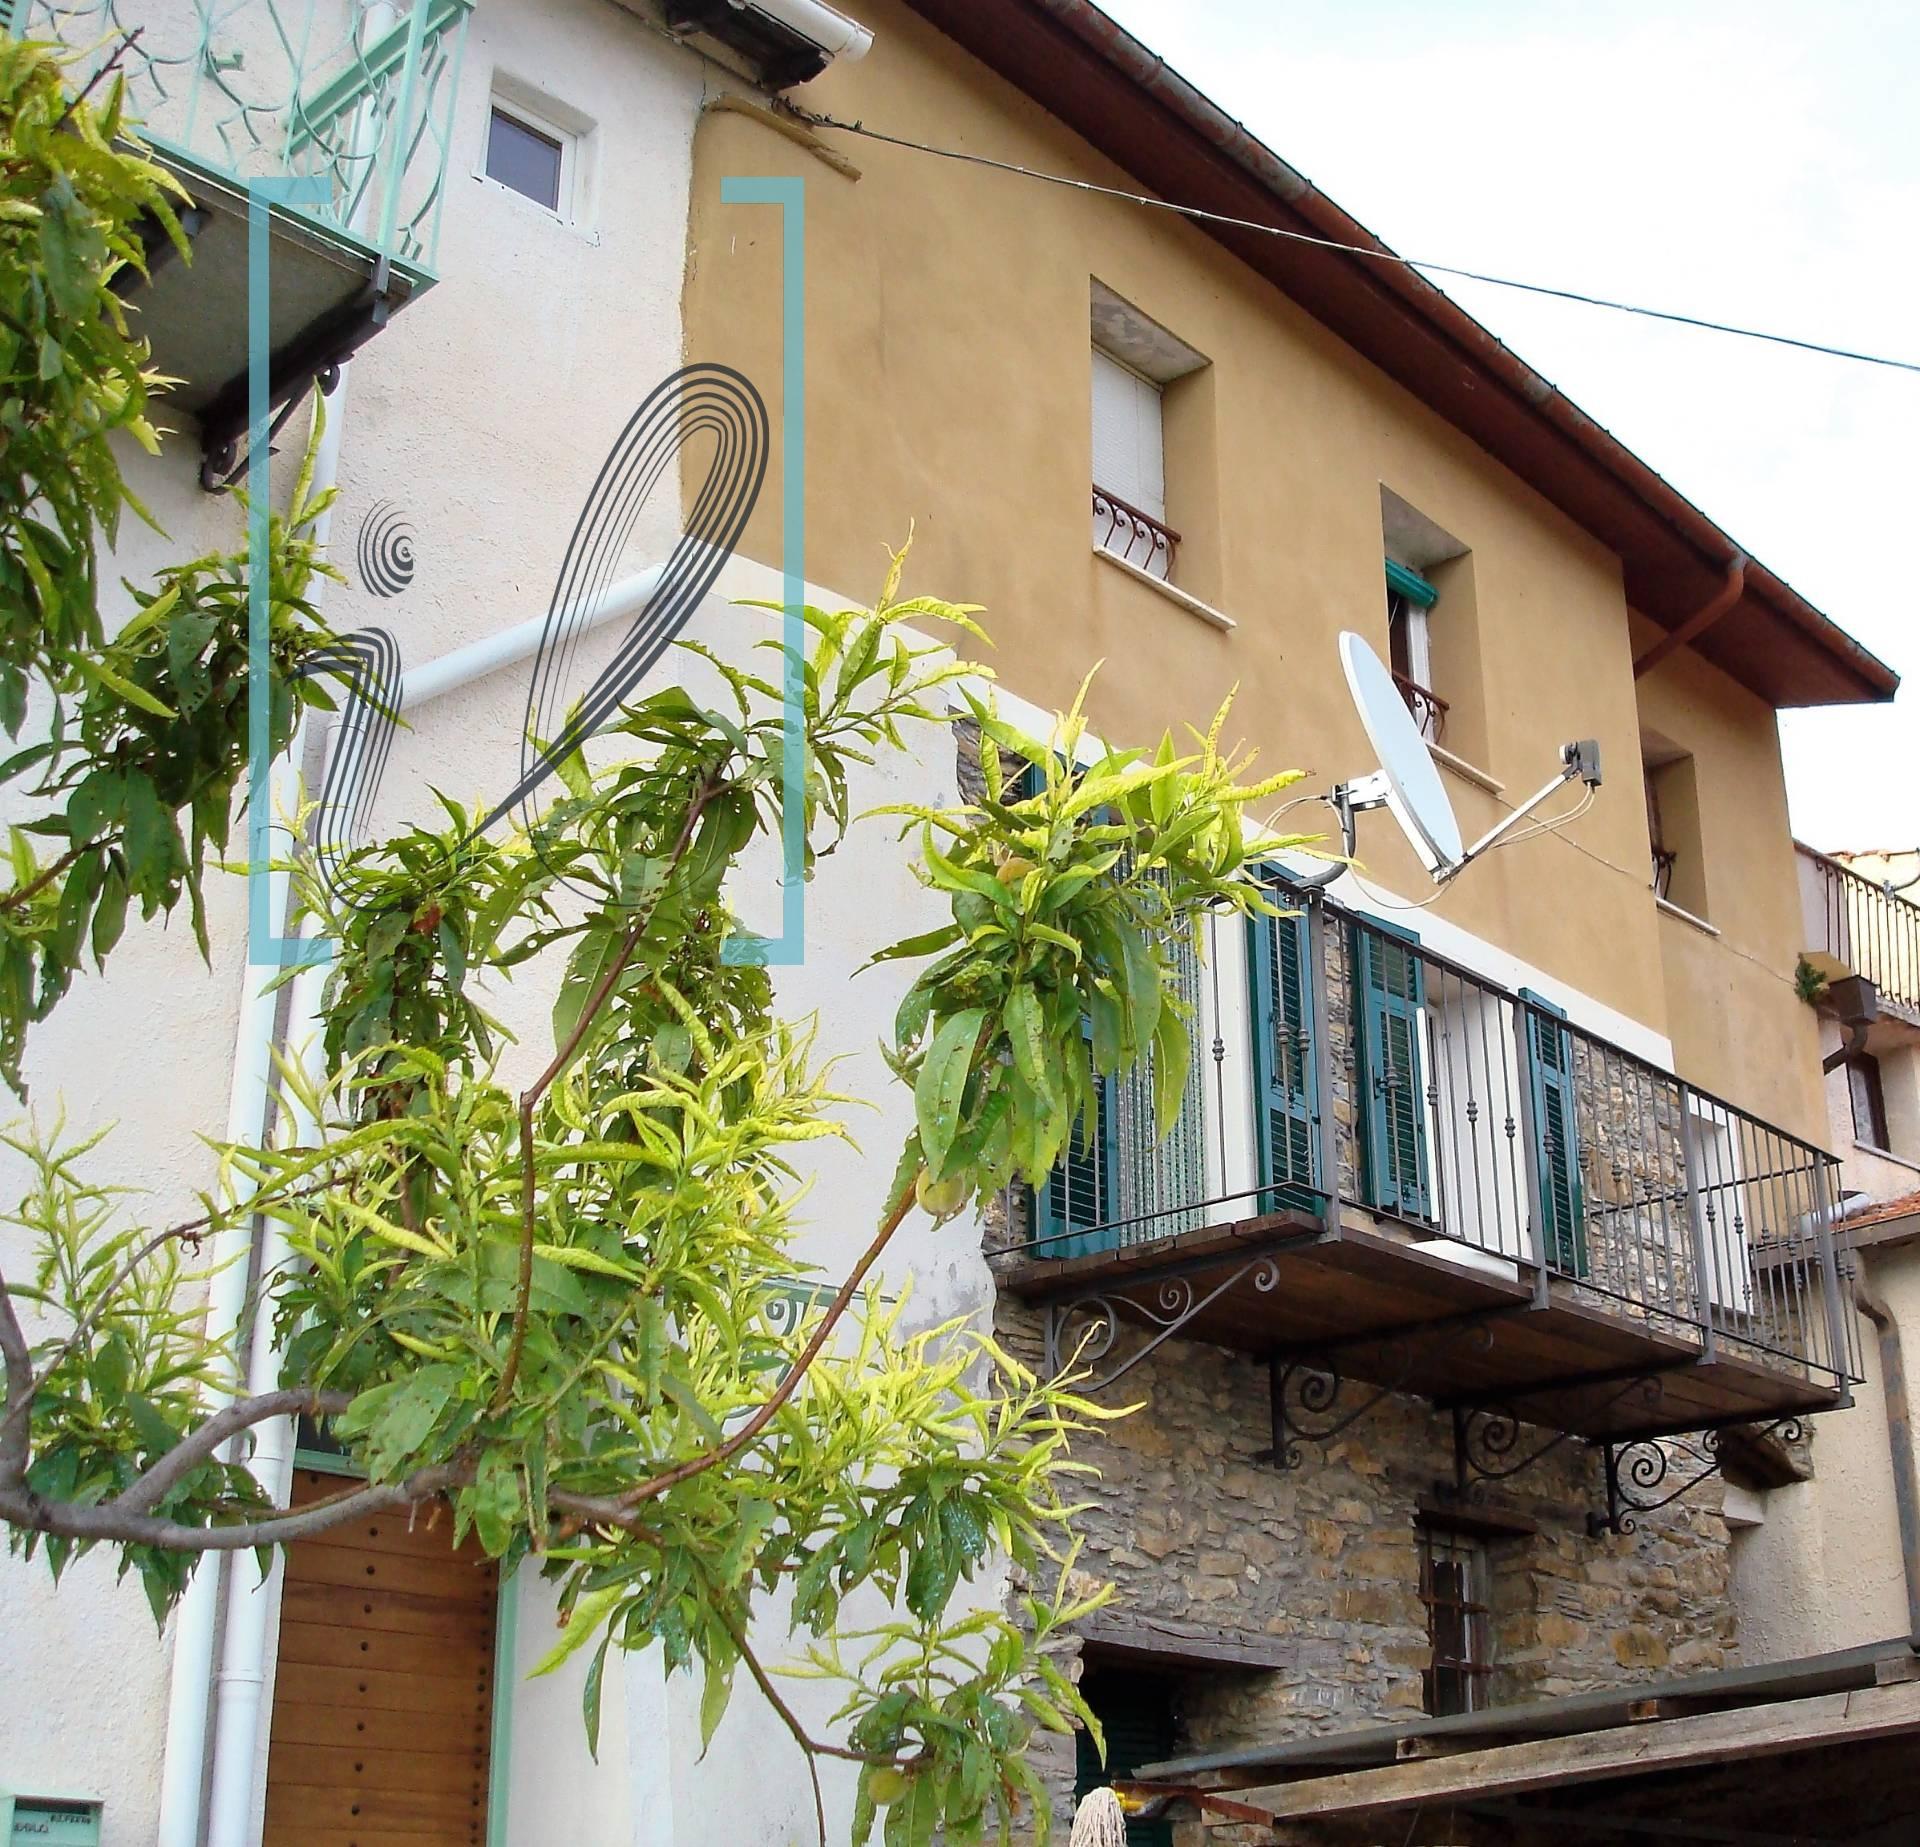 Appartamento in vendita a Borghetto d'Arroscia, 3 locali, prezzo € 48.000   Cambio Casa.it